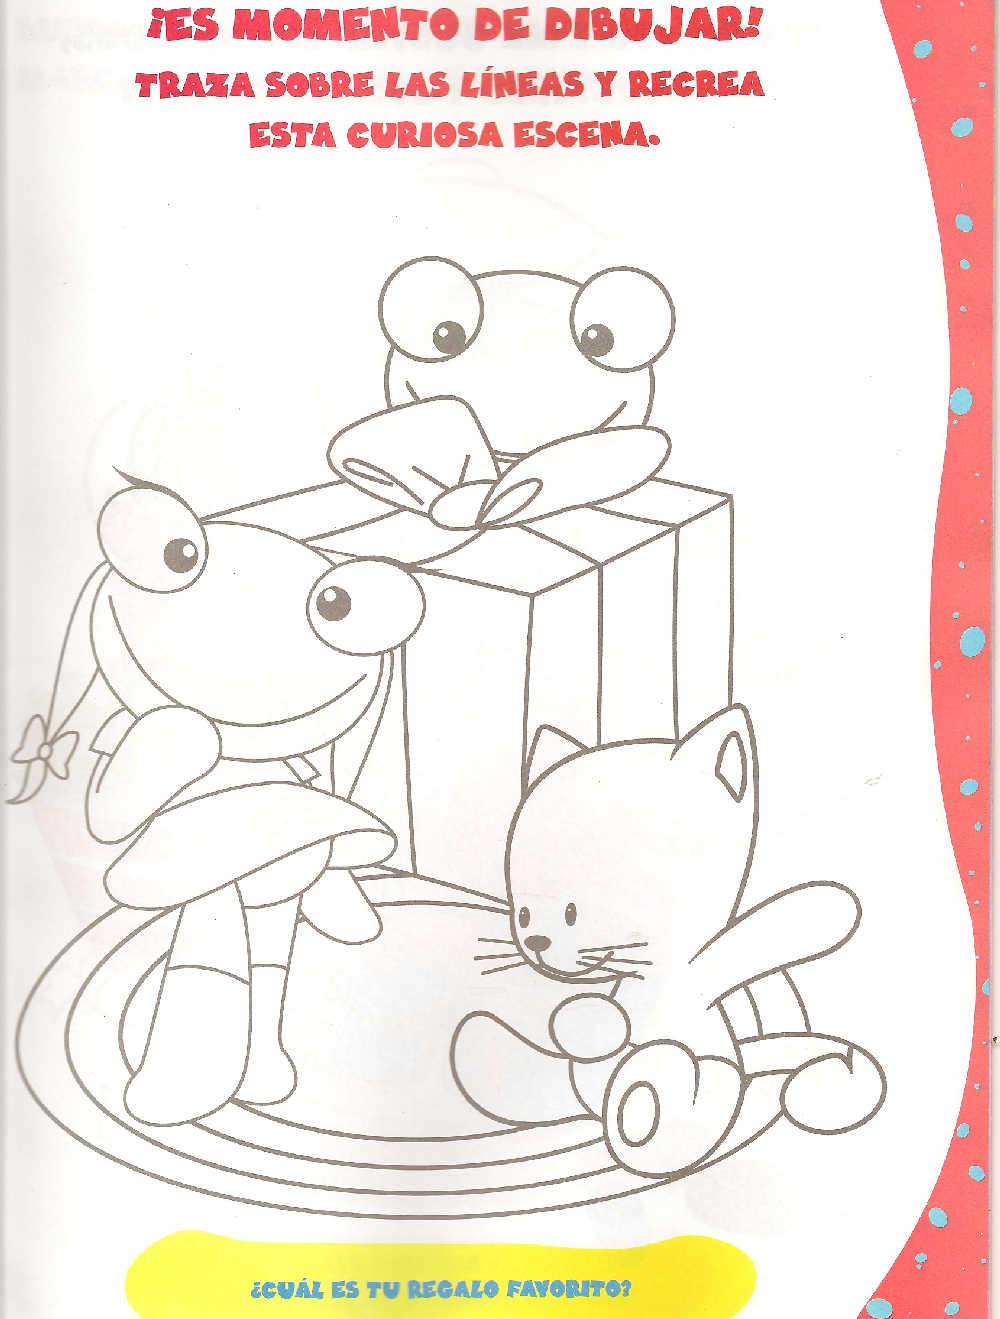 Sapo Pepe Dibujos Para Colorear Dibujos Para Colorear Acolorear